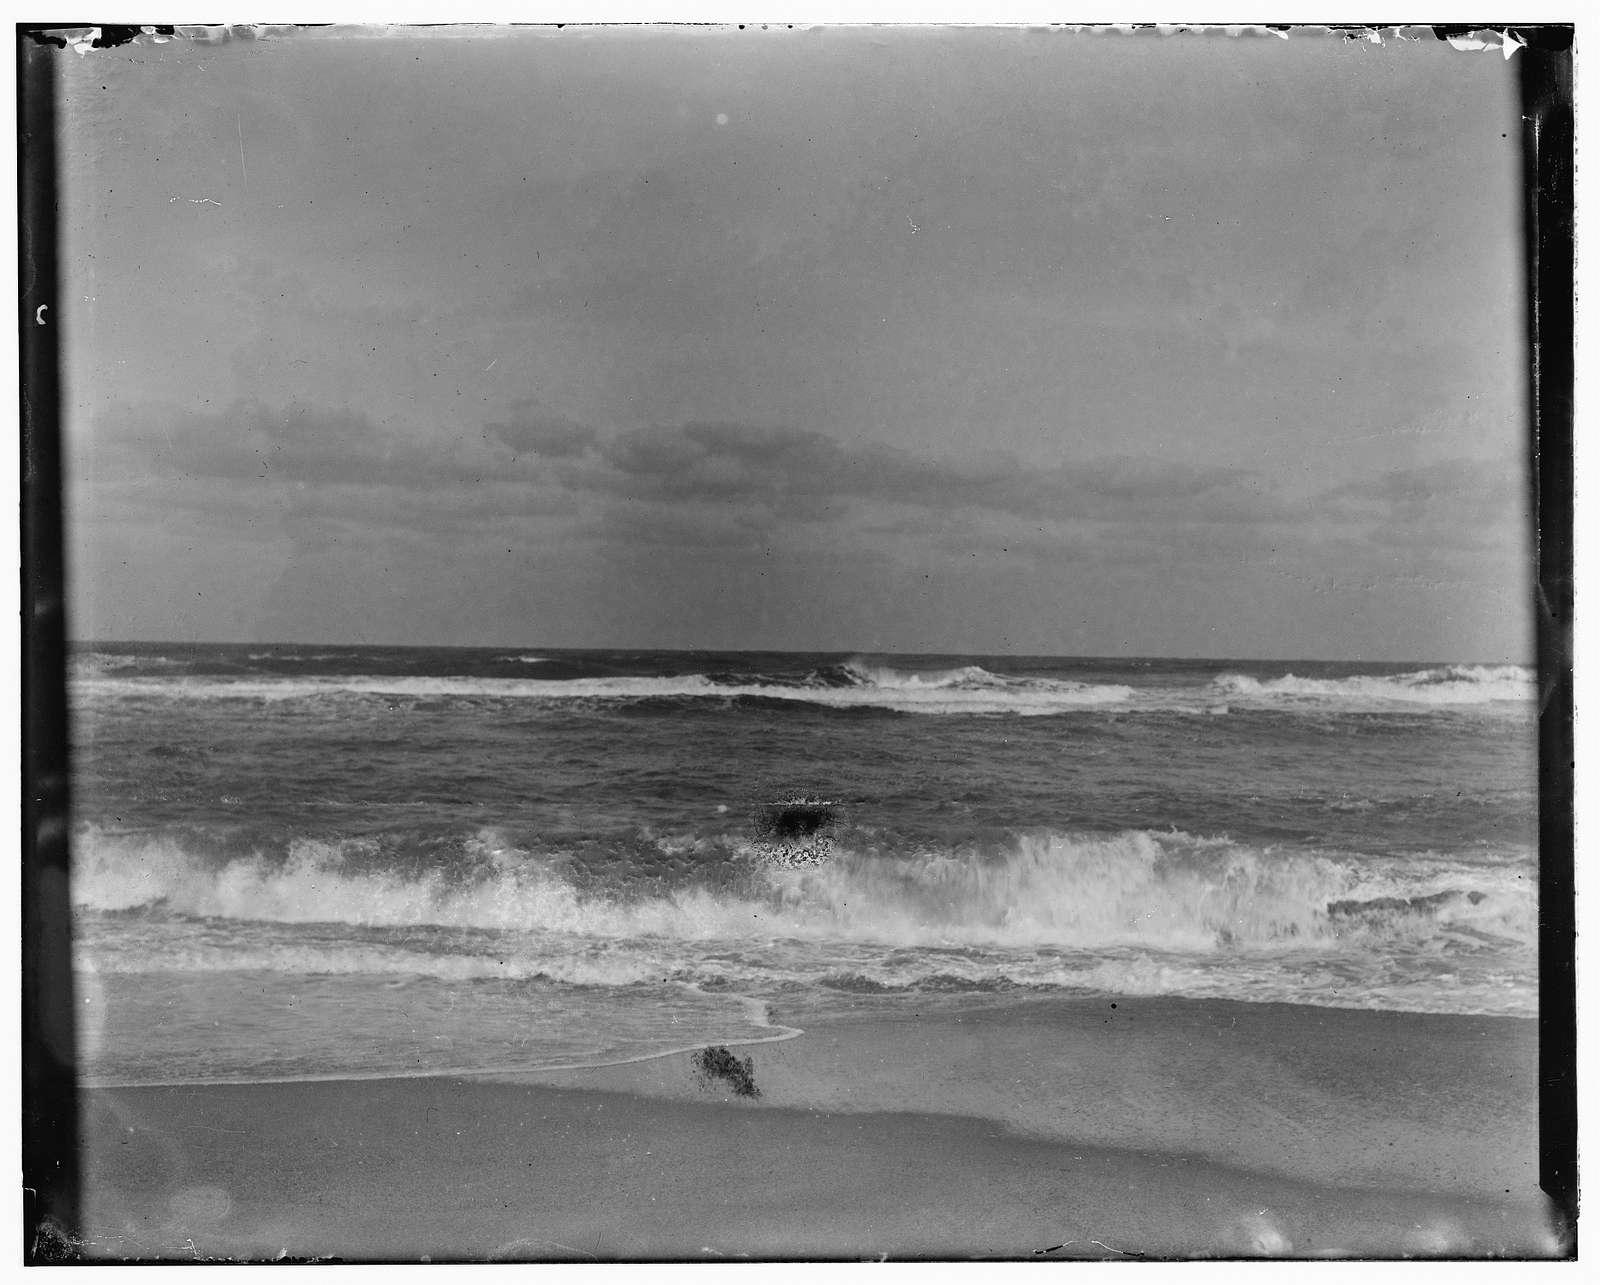 [Surf at Kitty Hawk, North Carolina]